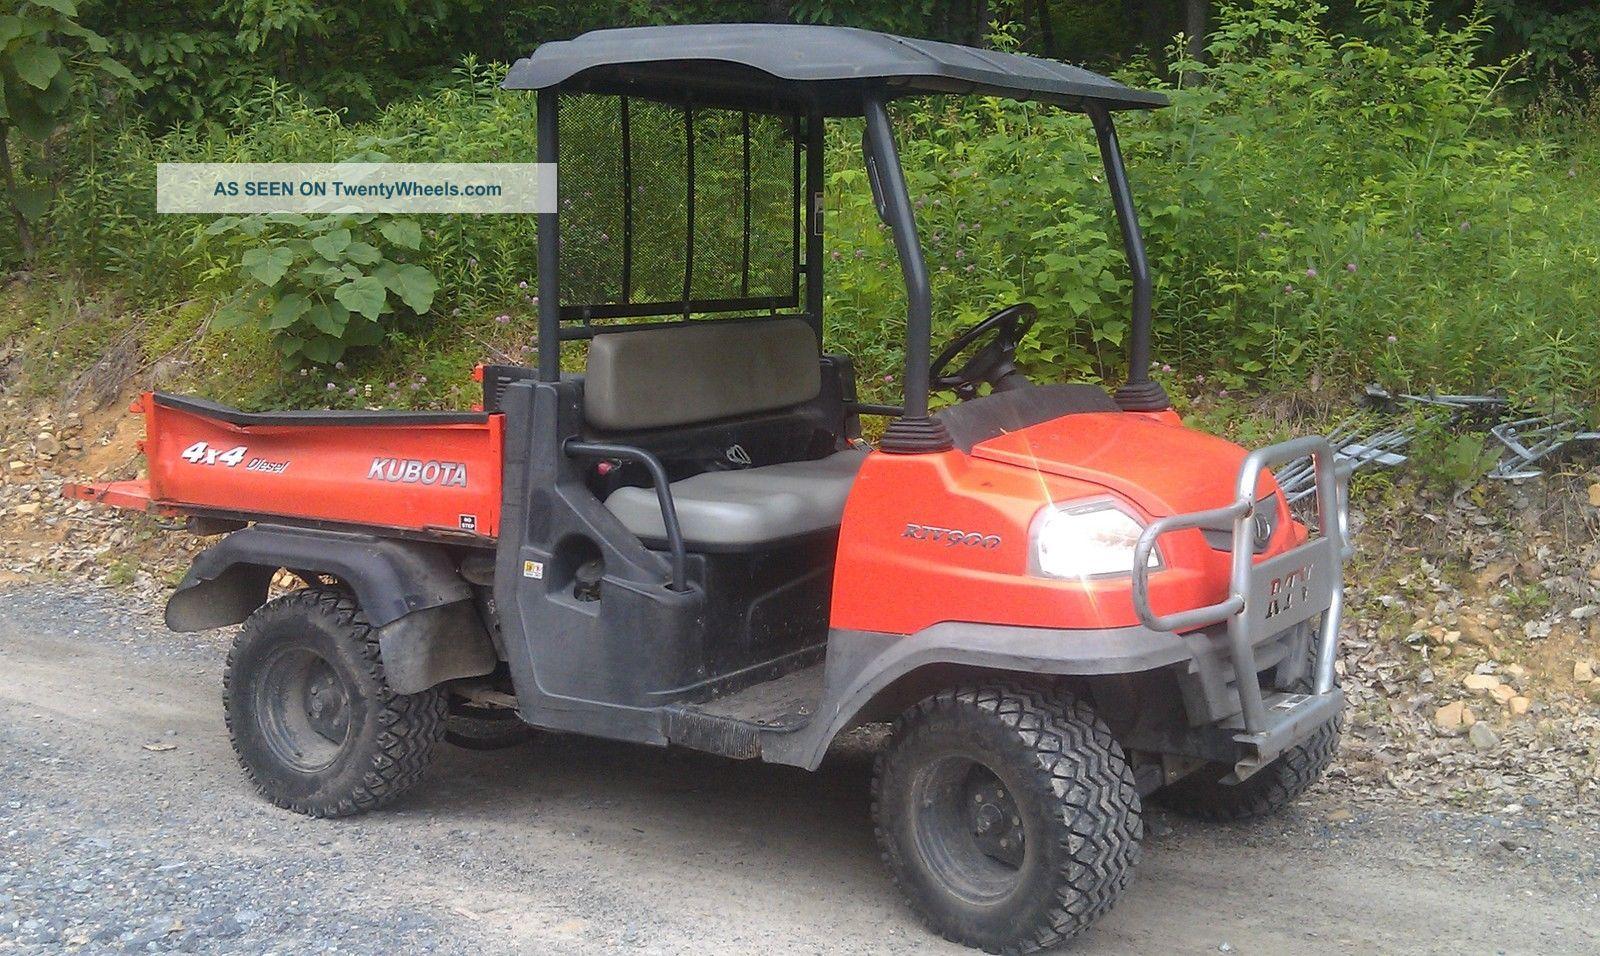 Kubota Rtv900 Specs : Kubota rtv diesel utility vehicle only hours